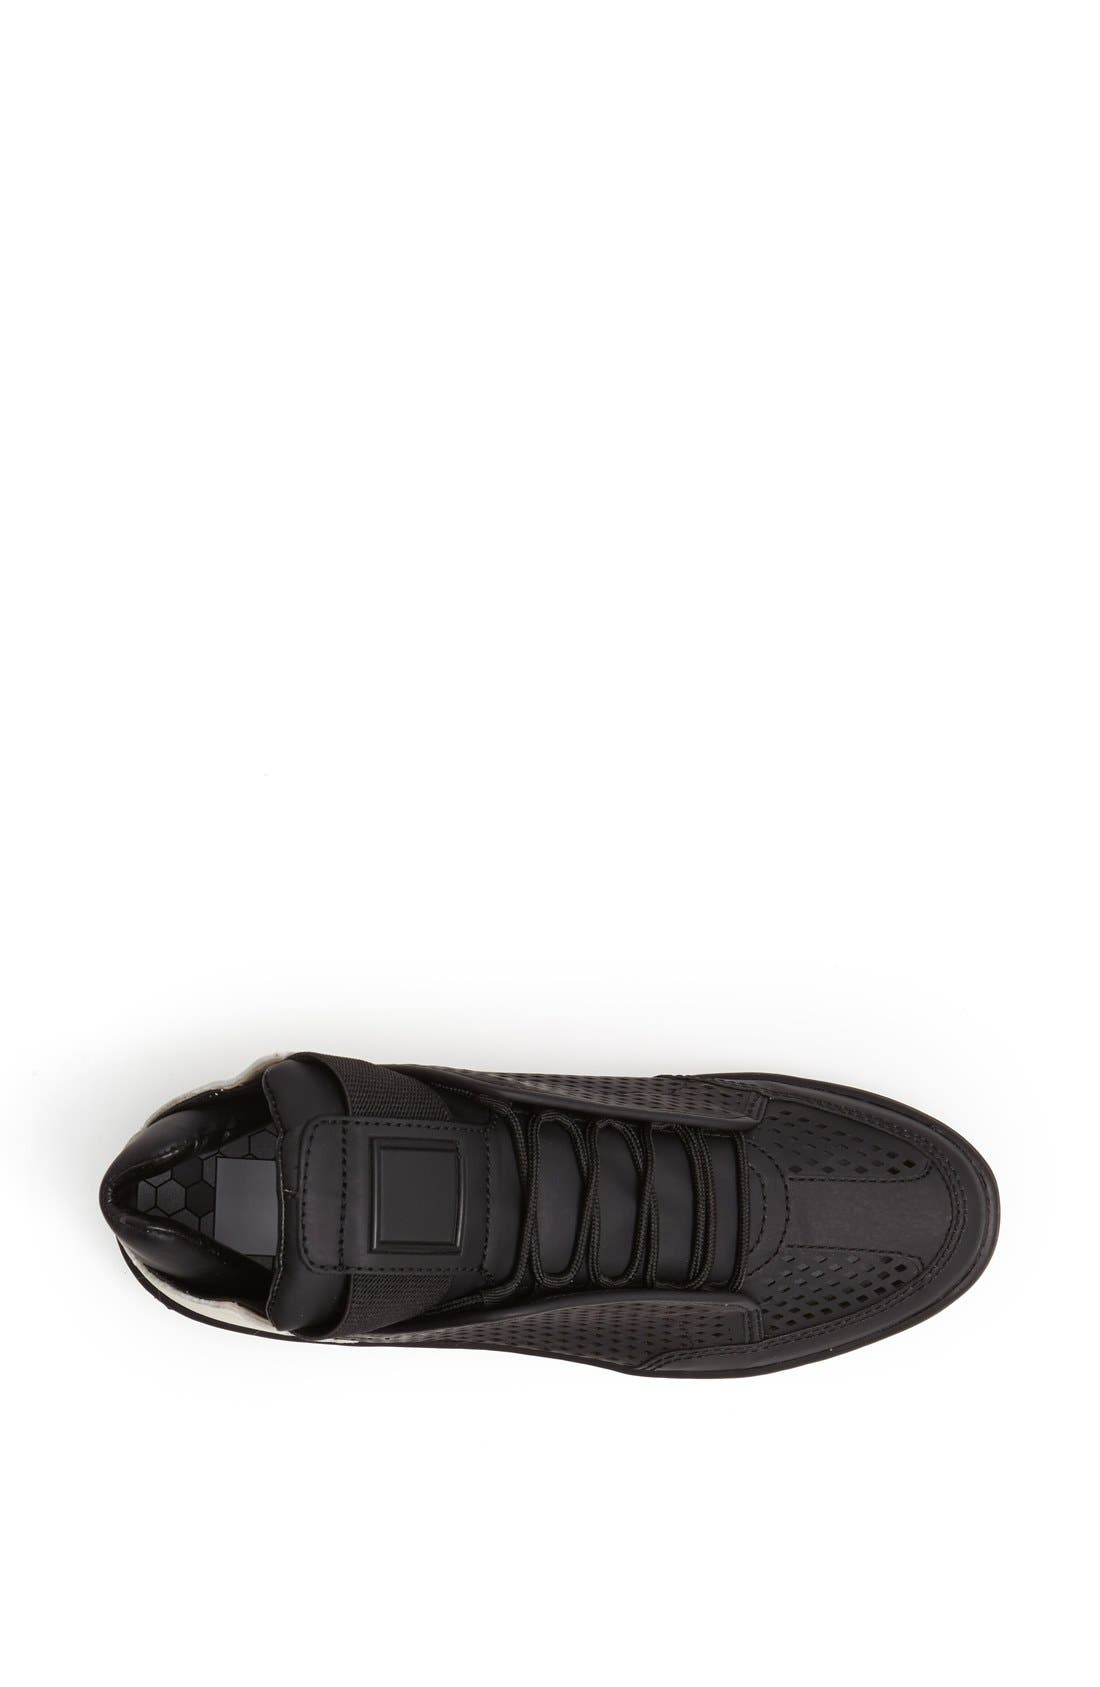 Alternate Image 3  - Dolce Vita 'Vinna' Sneaker